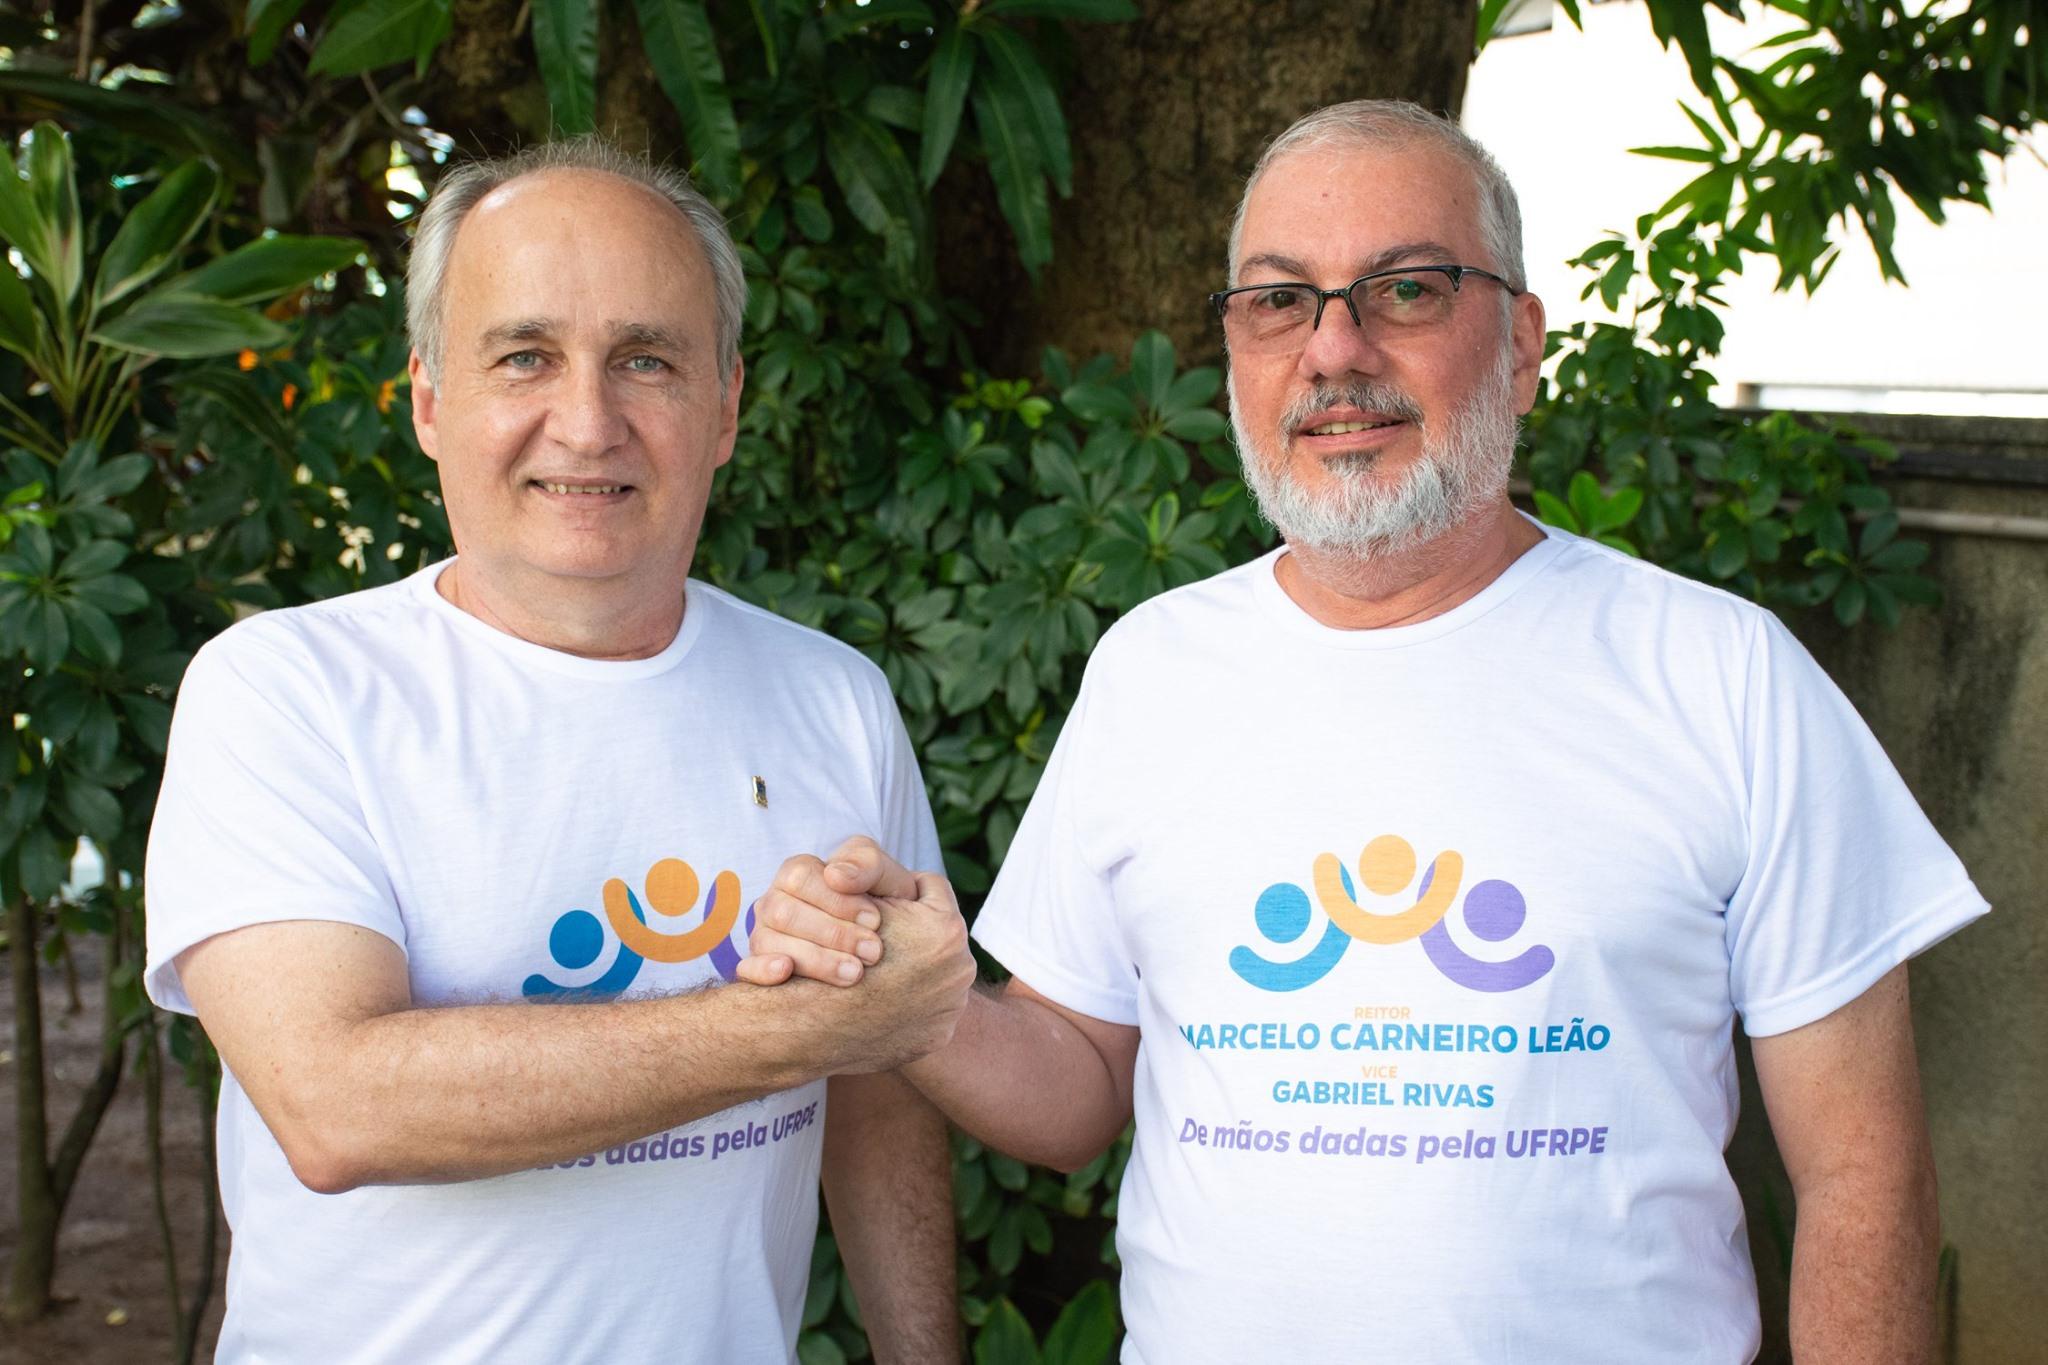 Marcelo Carneiro Leão e Gabriel Rivas